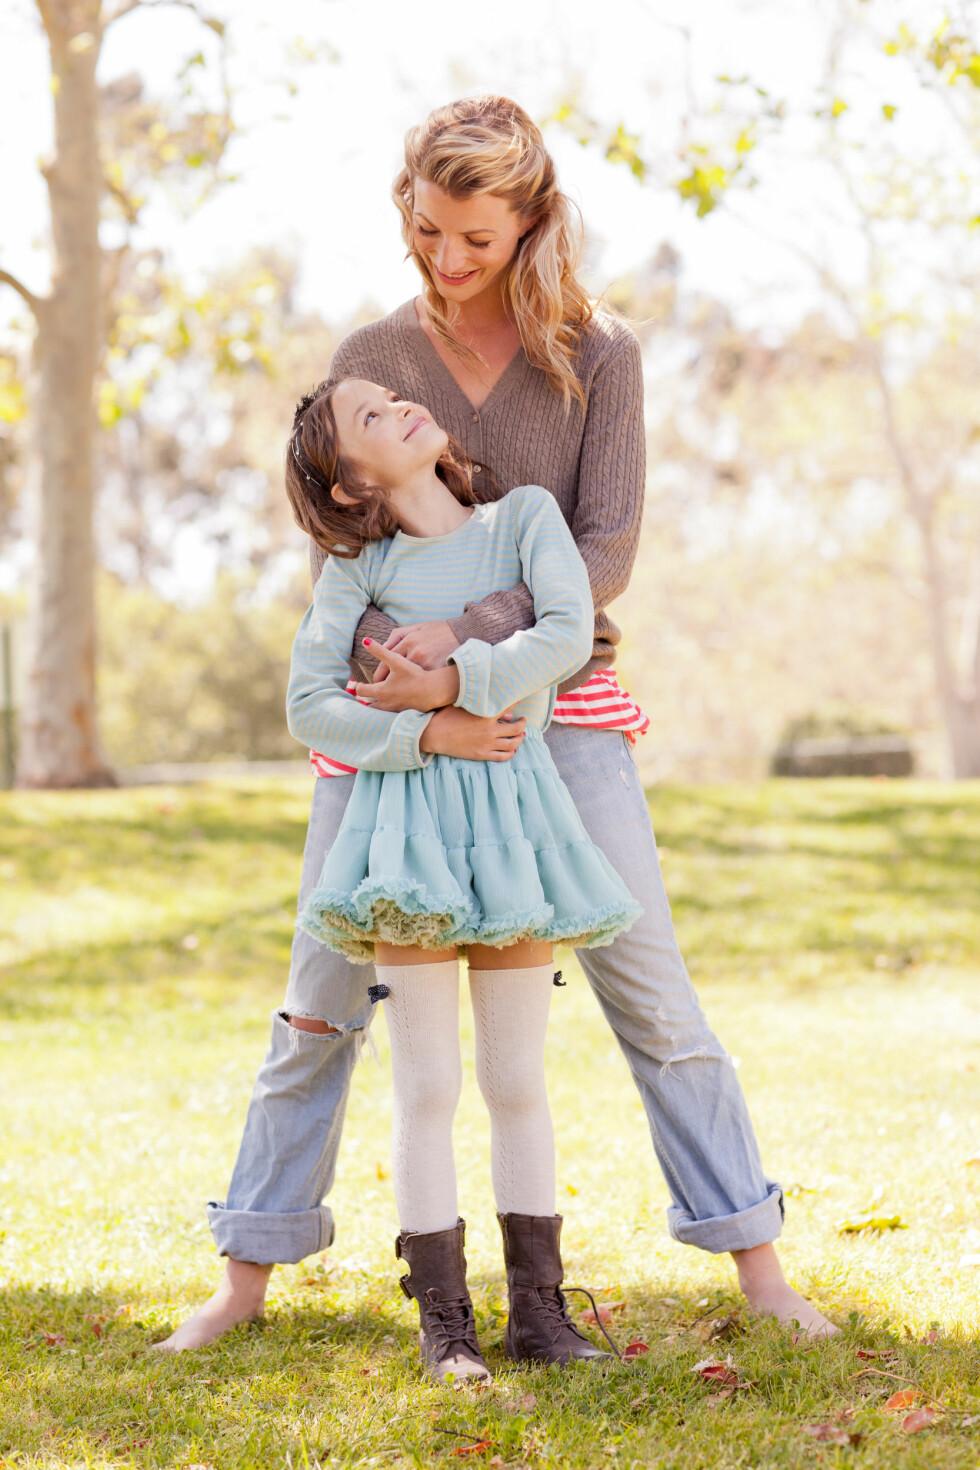 <strong>GENERASJONER:</strong> Noen sykdommer kan gå i arv og ramme flere i familien. Foto: Scanpix/NTB